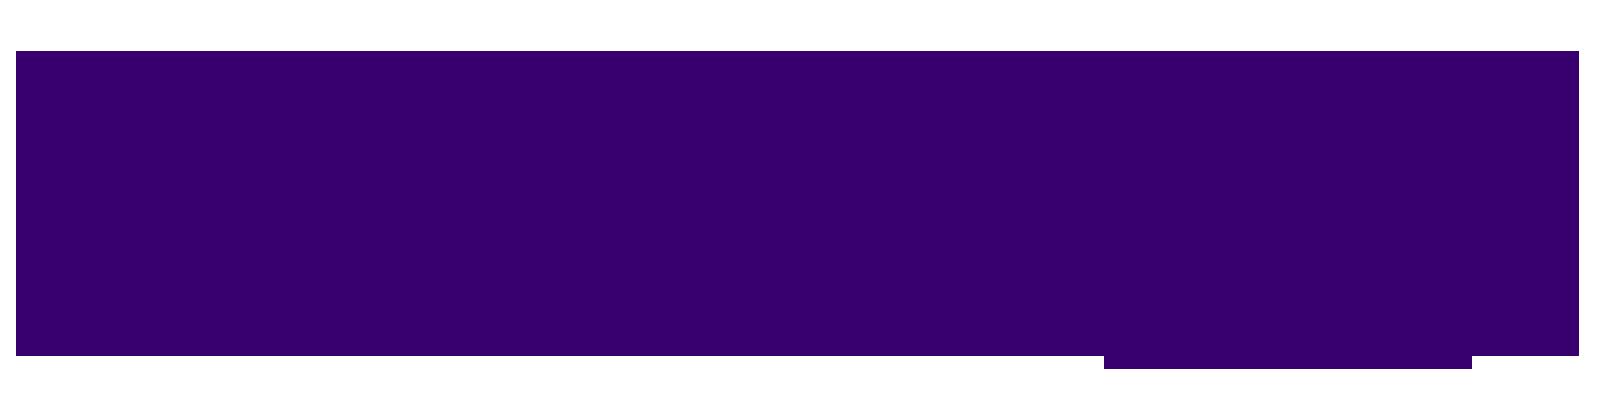 Trishna Spice